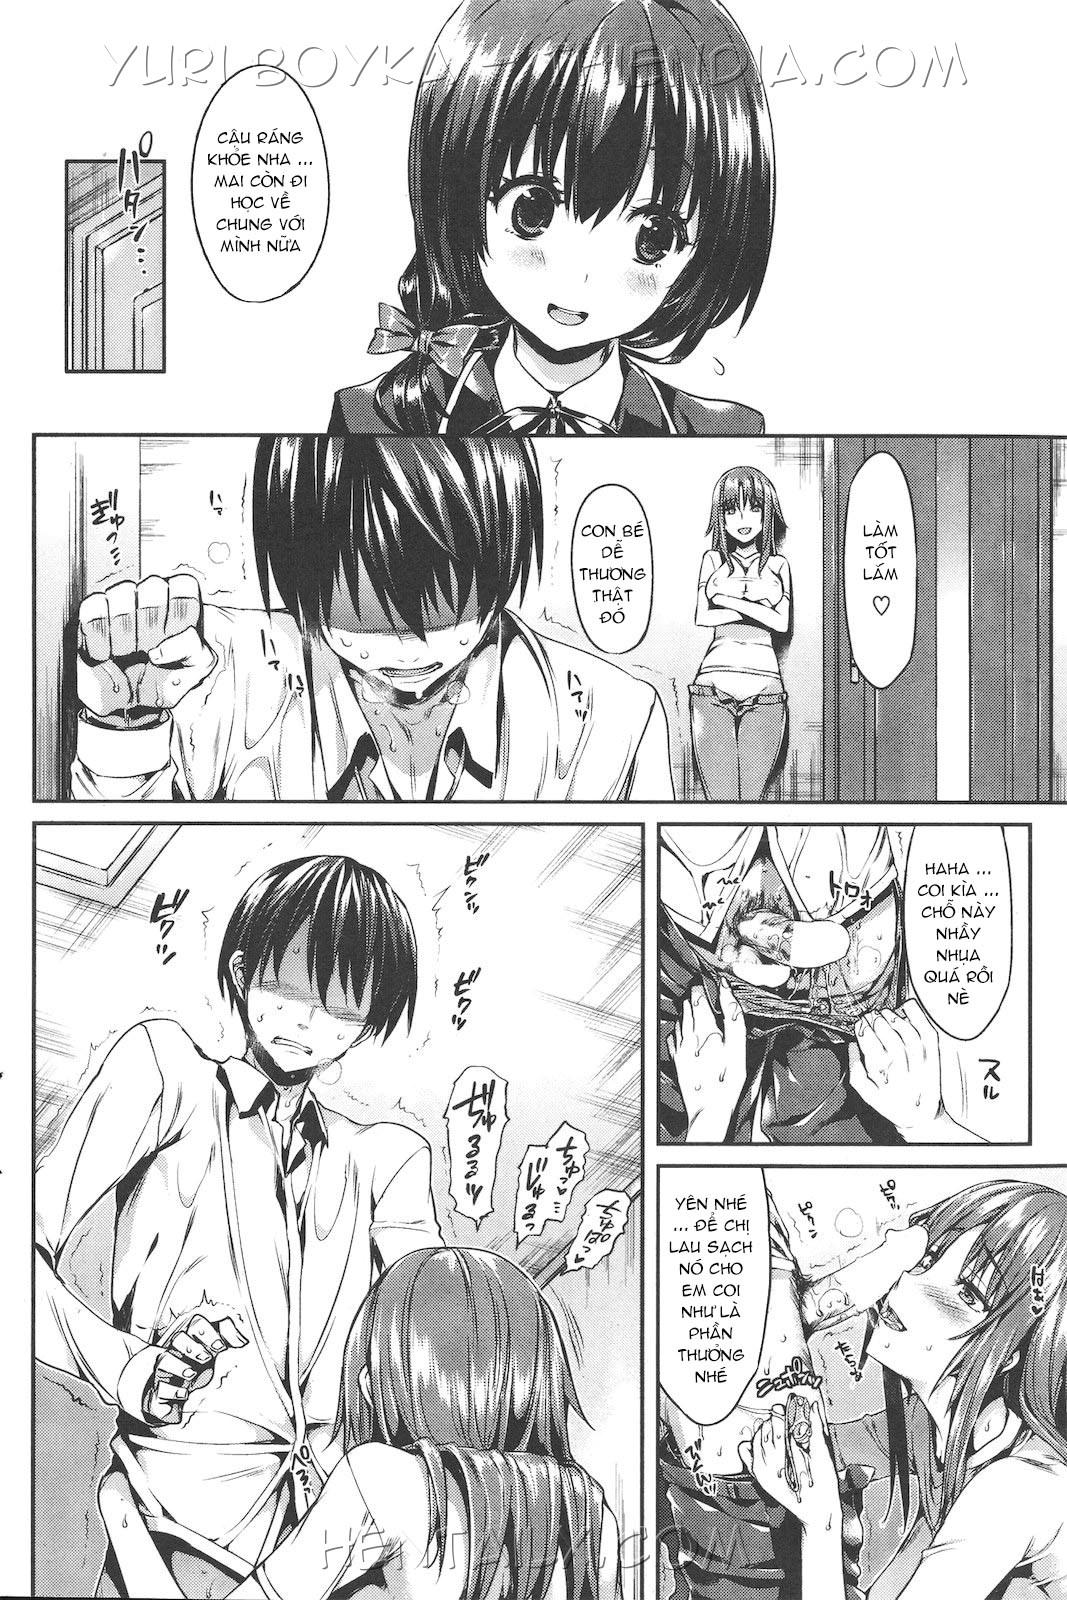 014 Truyện Hentai Ngày nghỉ của chị hàng xóm